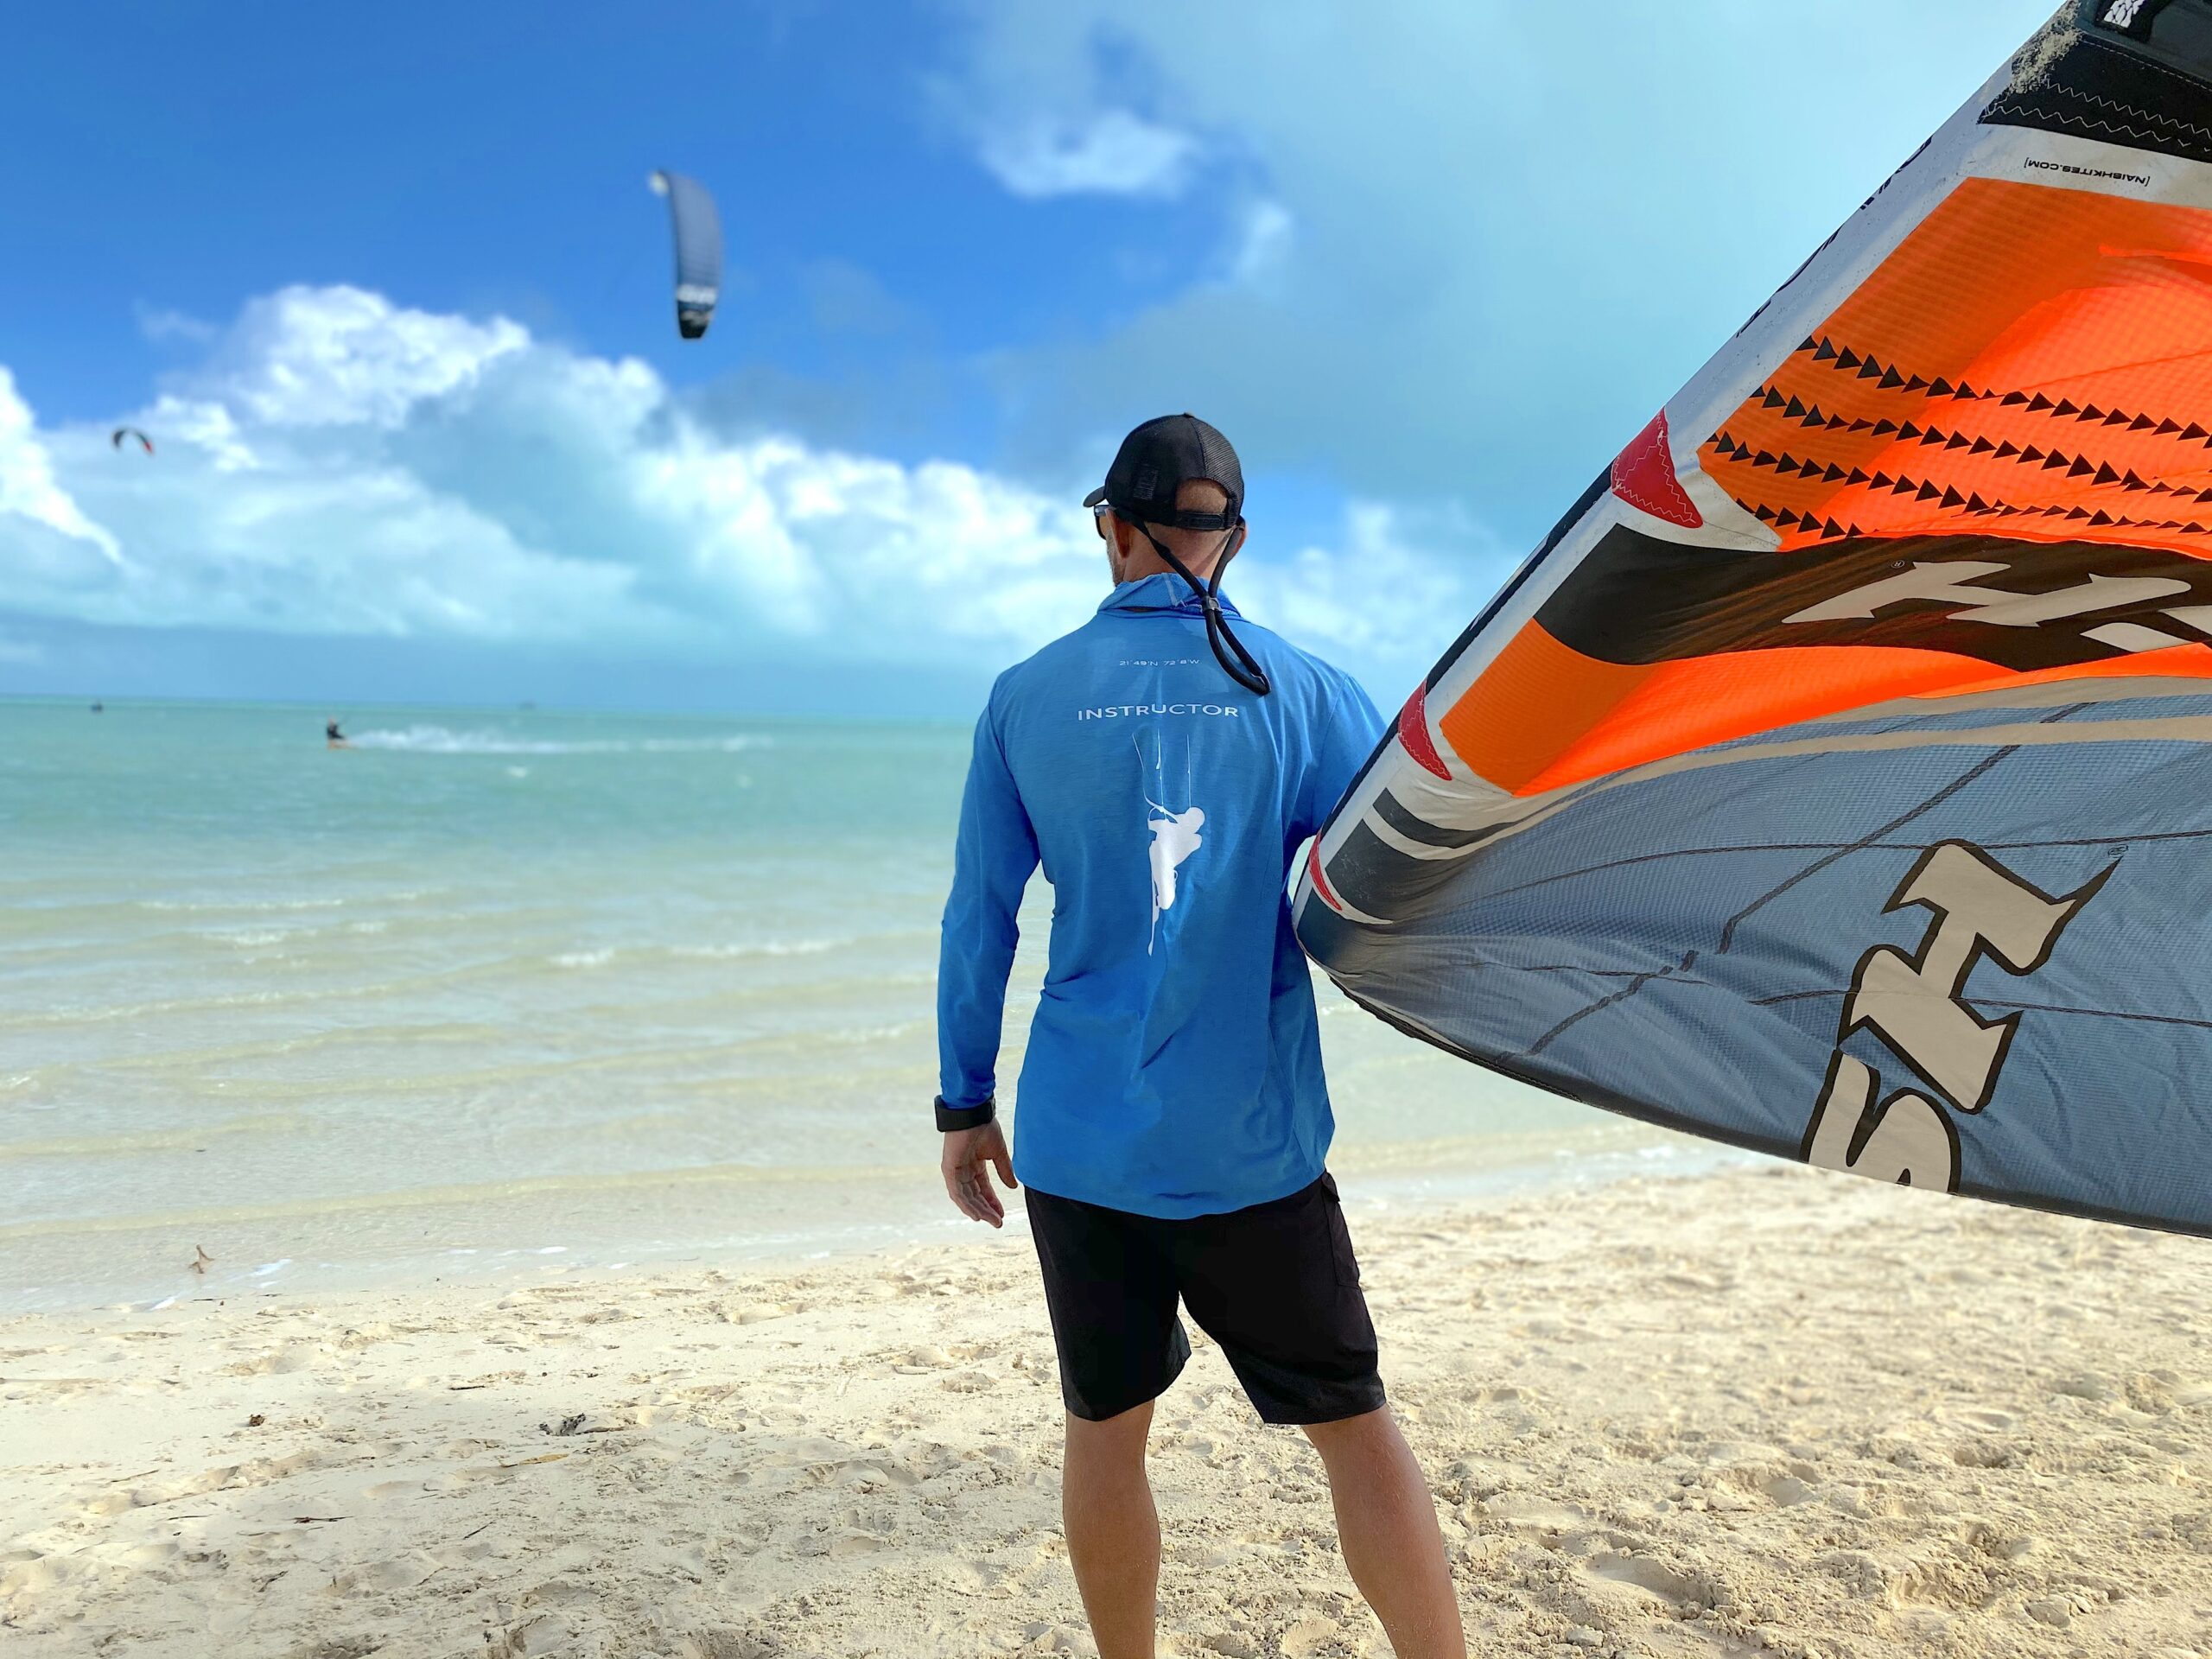 Börja kitesurfa - guide för kitekurs nybörjare